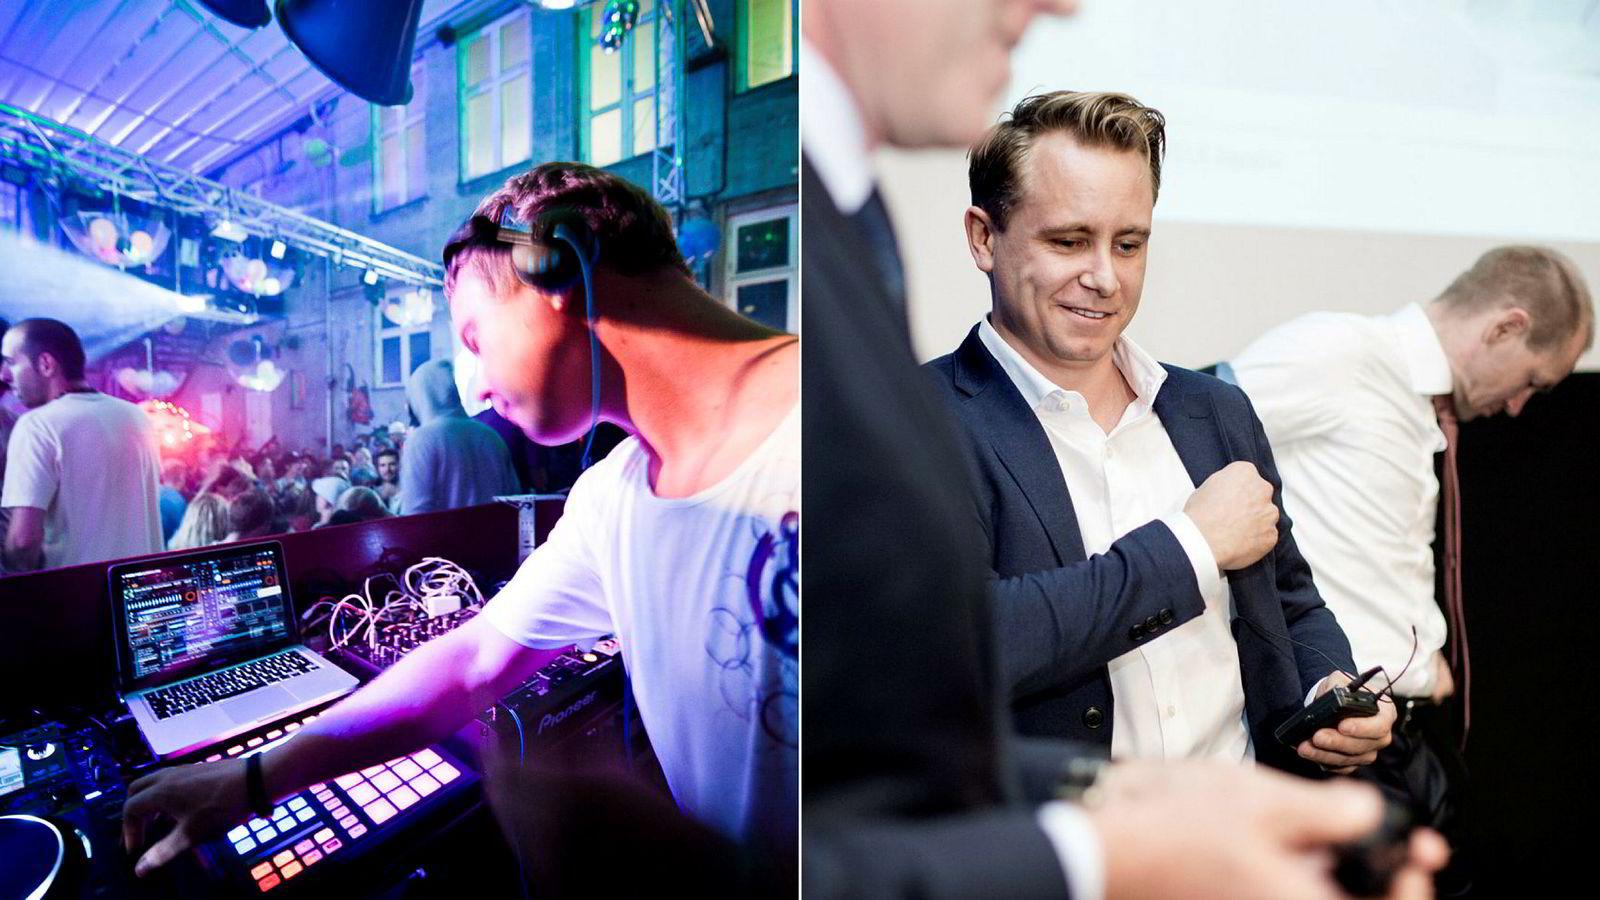 Nils Noa er artistnavnet til DJ-en Nils Olav Lausund. Kristian Røkke skal nå spille med DJ-en på The Villa i Oslo.